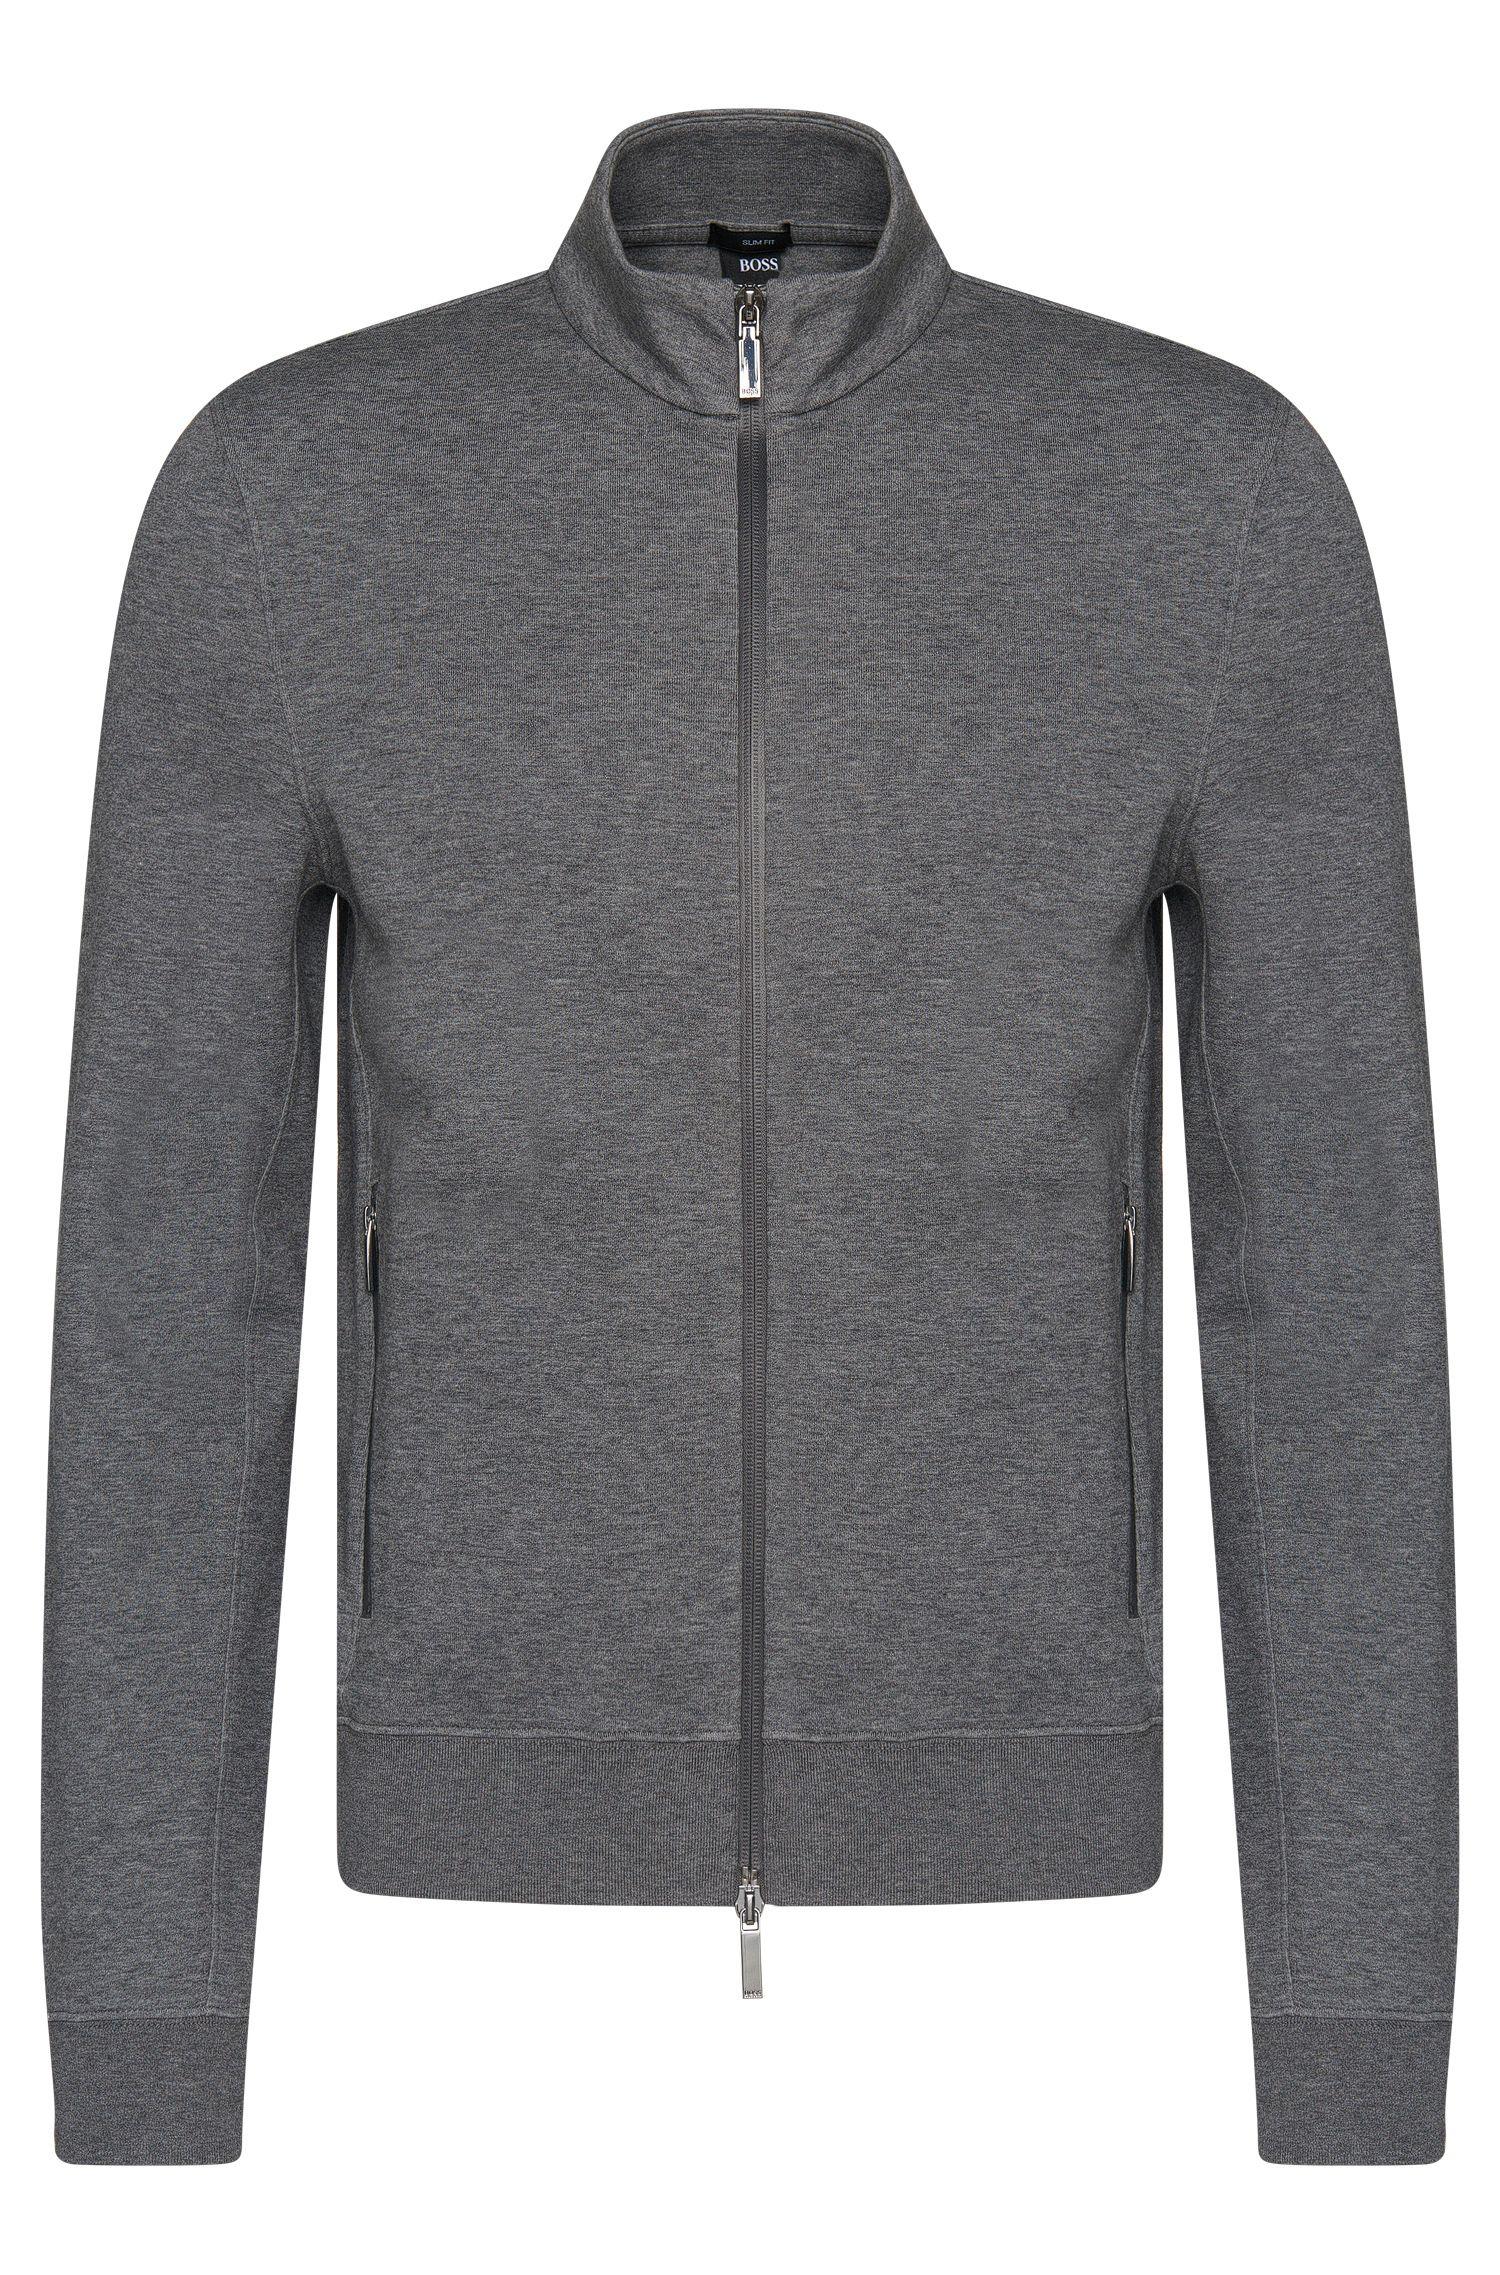 Mottled slim-fit sweatshirt jacket in cotton blend: 'Soule 06'